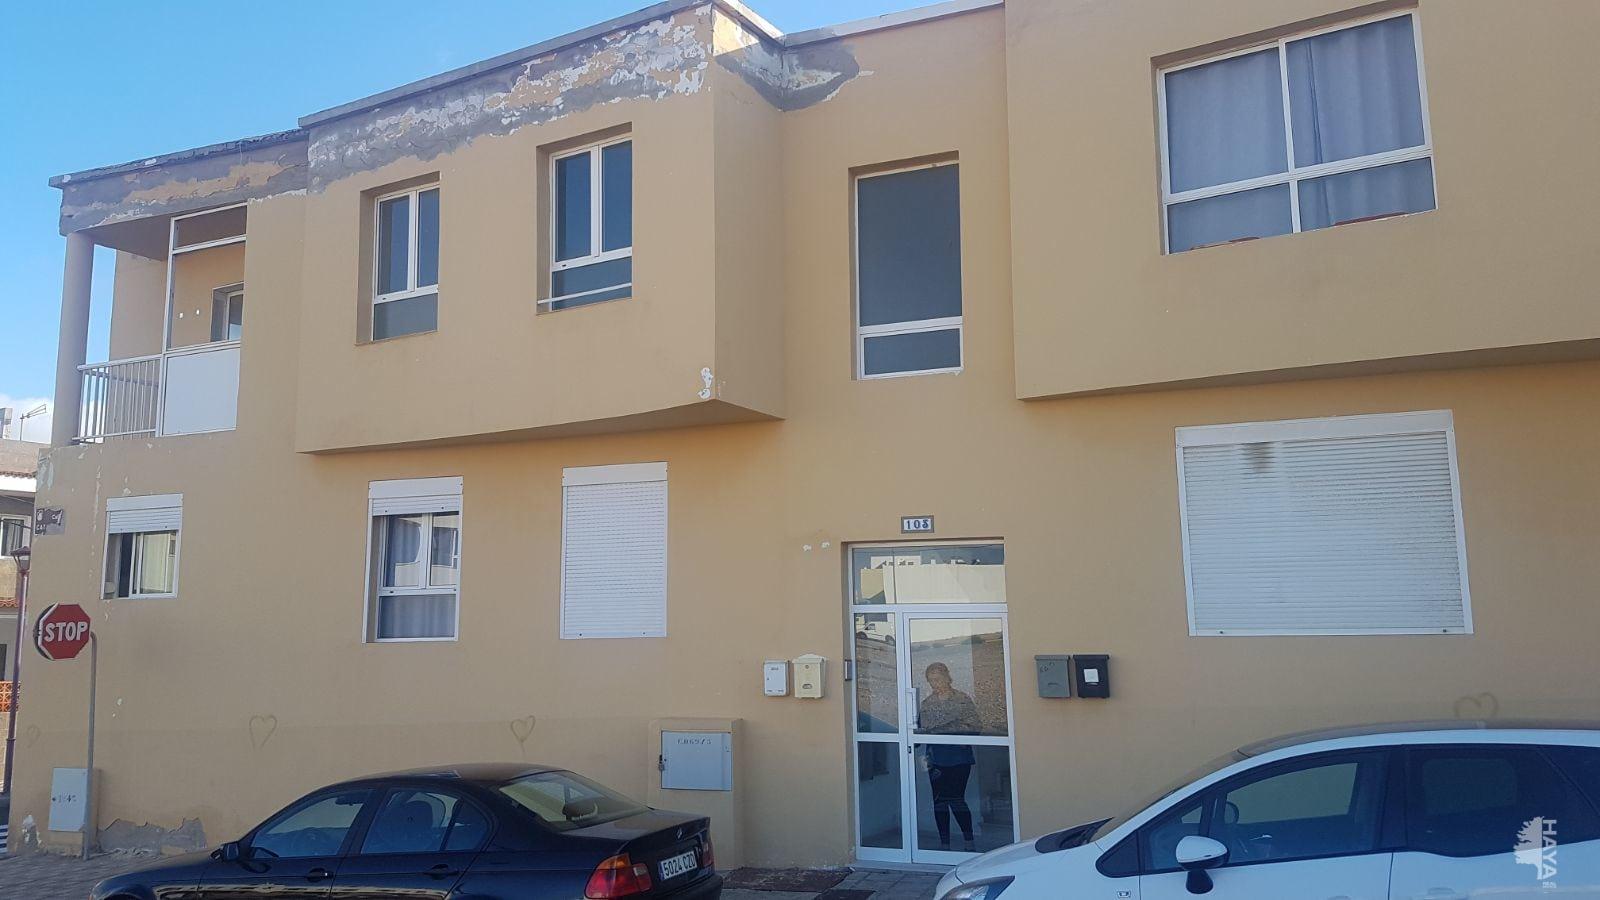 Piso en venta en Puerto del Rosario, Las Palmas, Calle Cataluña, 62.700 €, 2 habitaciones, 1 baño, 68 m2